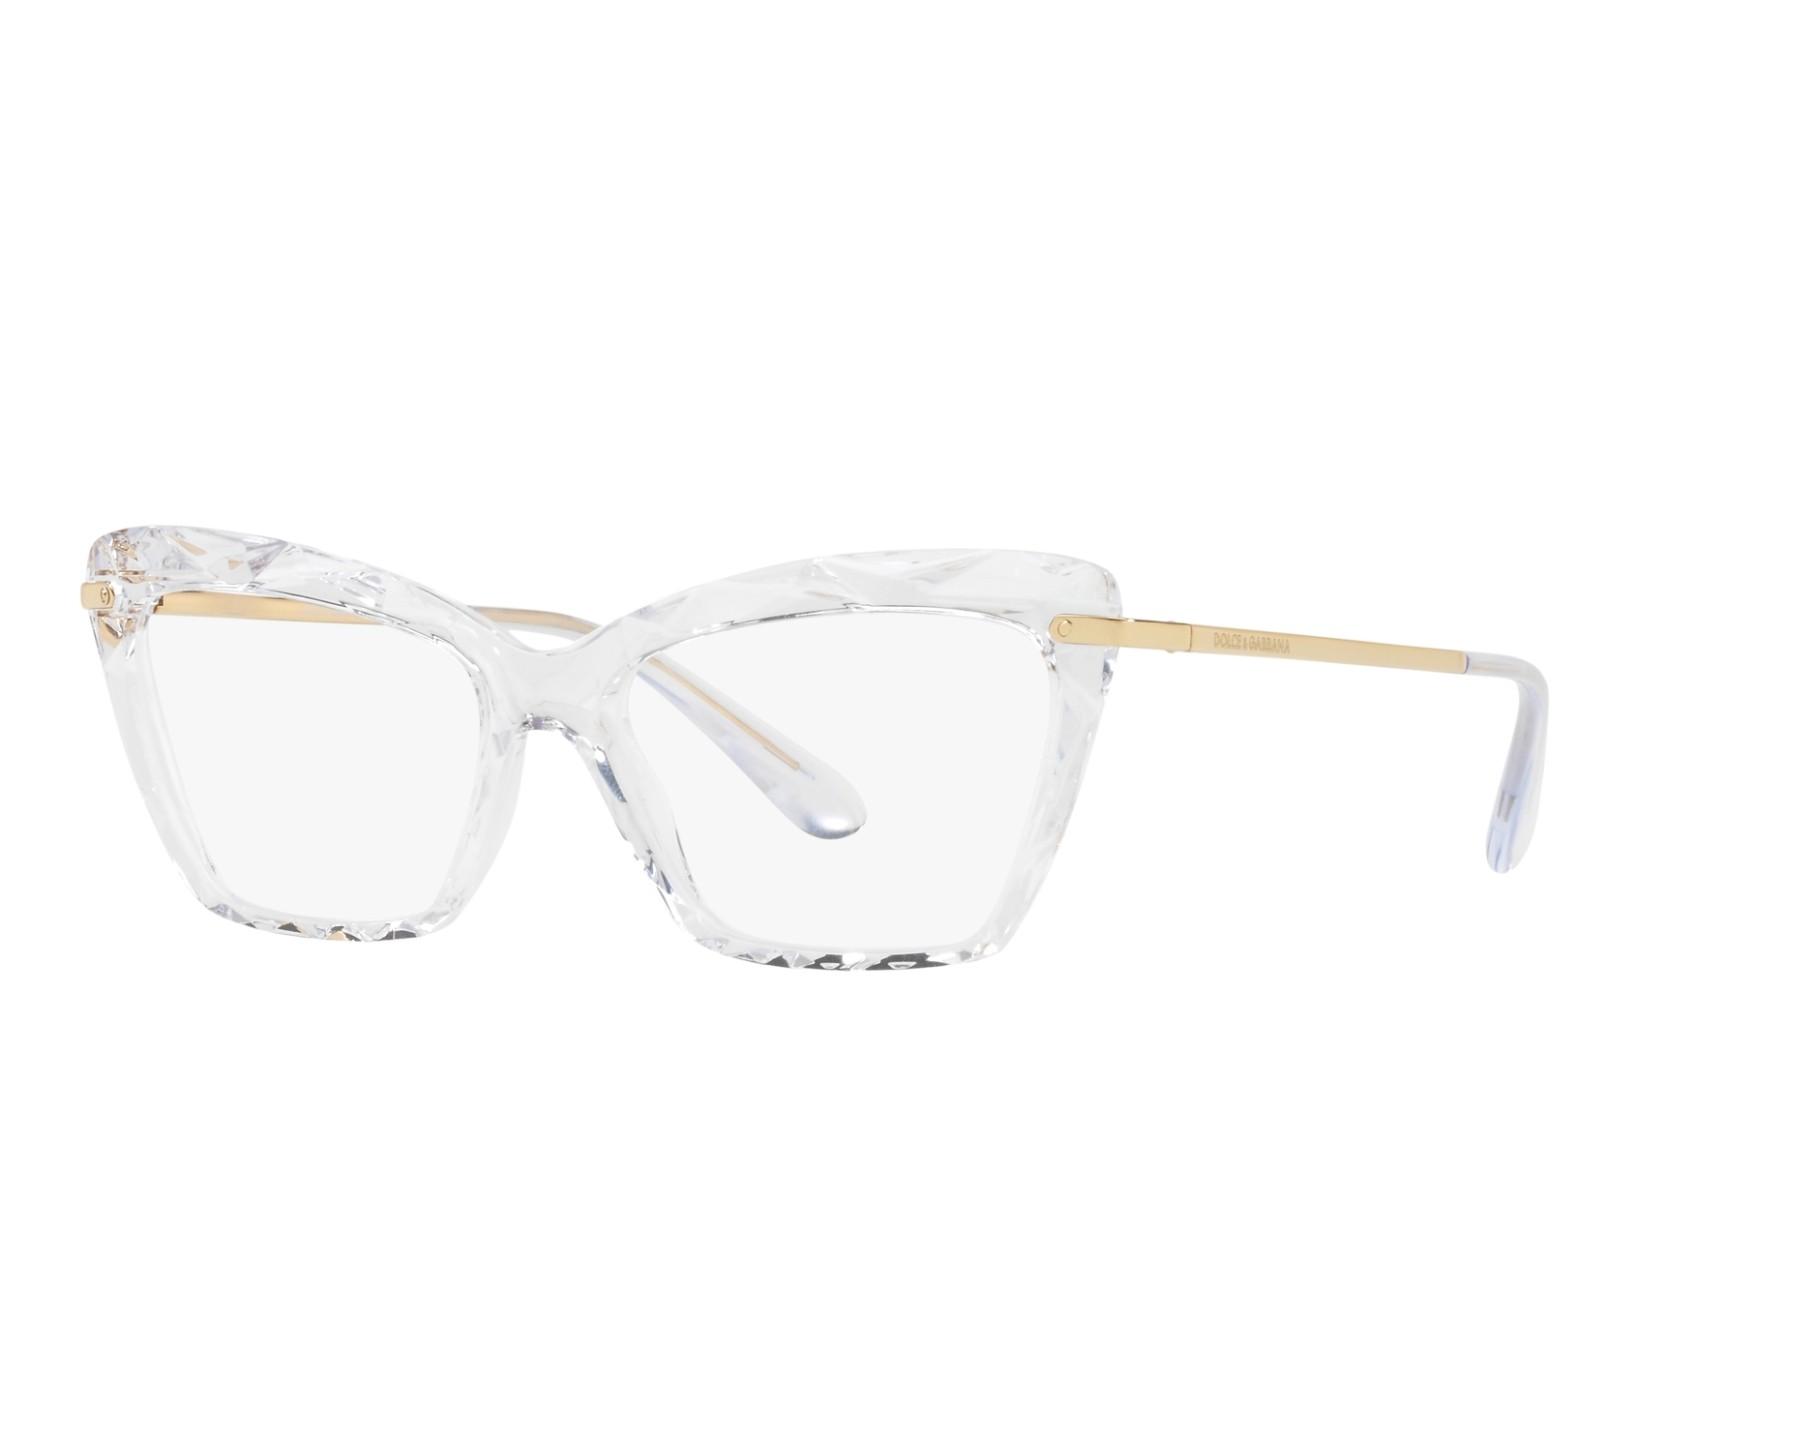 74f9f9ef7eb0 Prescription Eyeglasses With Rhinestones Crystals | Wiring Diagram ...